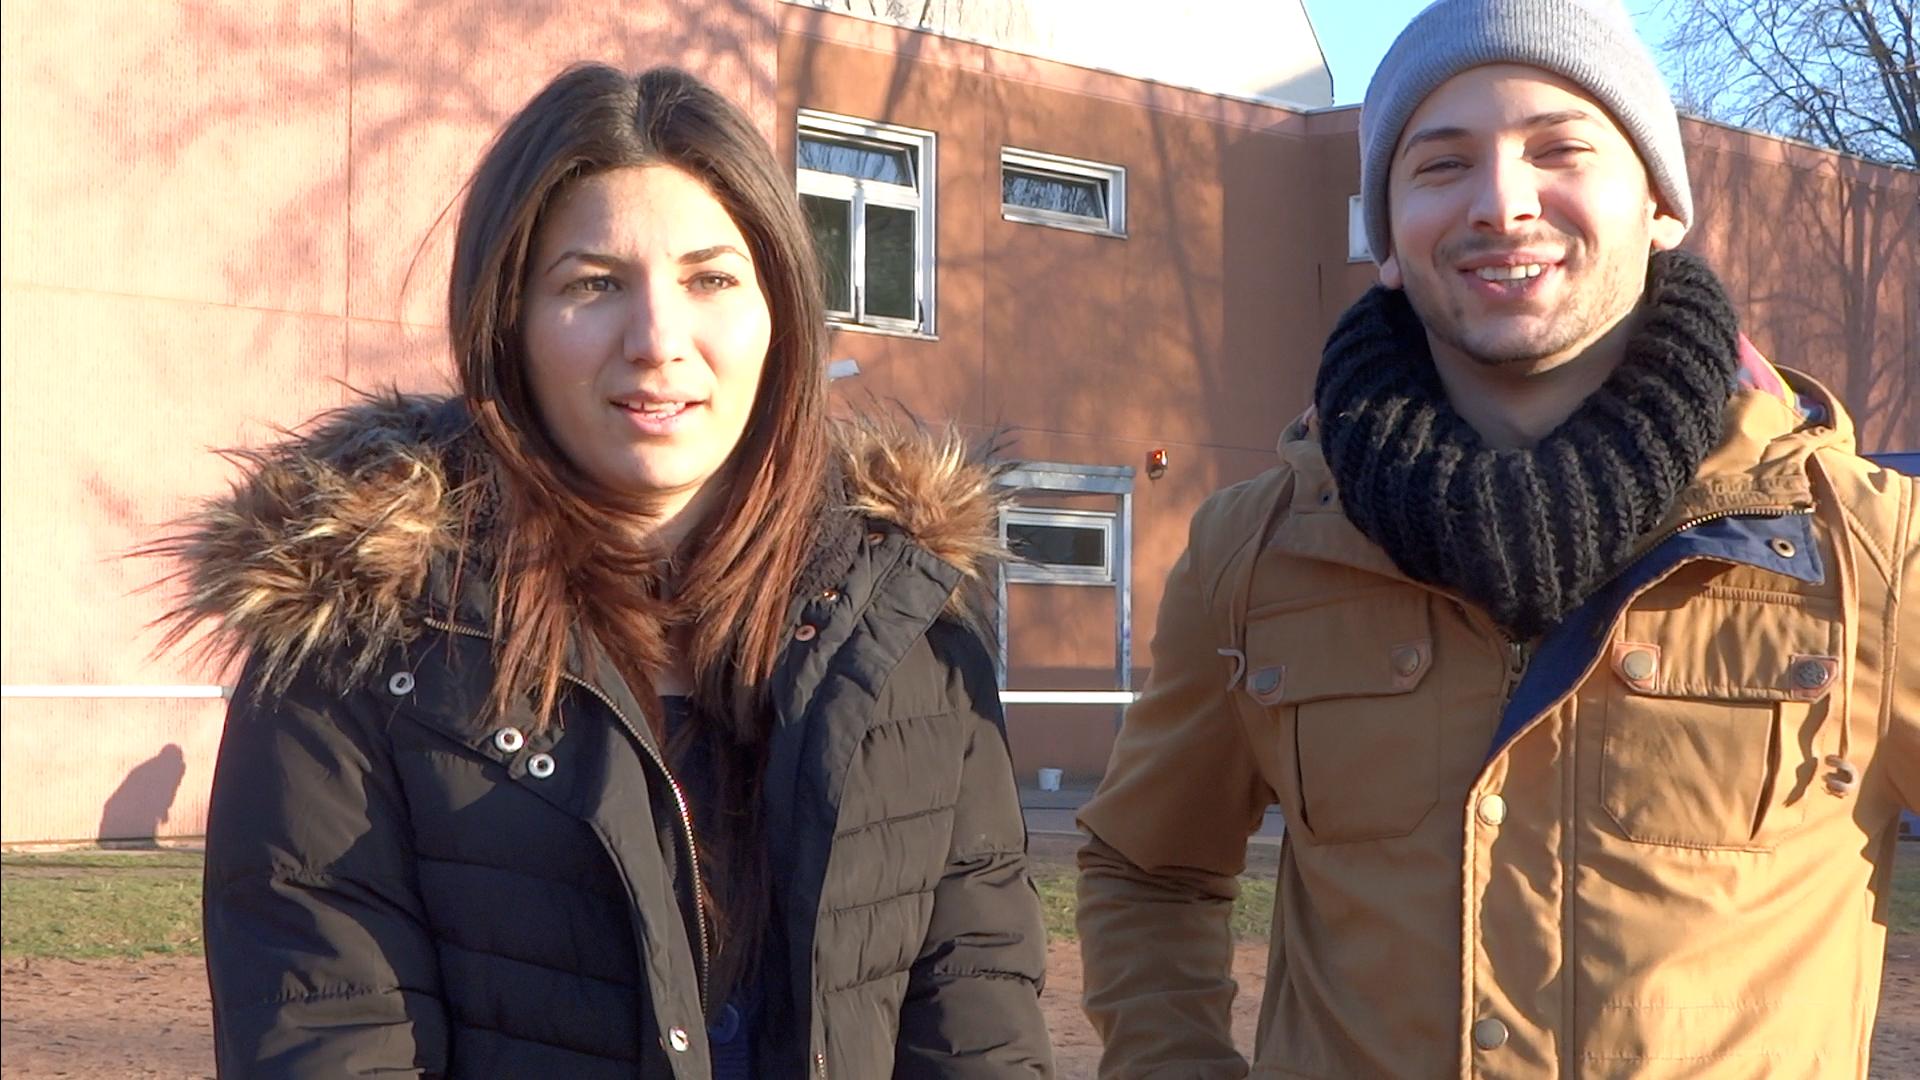 Denisa und Denis während des Filmworkshops am Mariendorfer Weg im Frühjahr 2015.